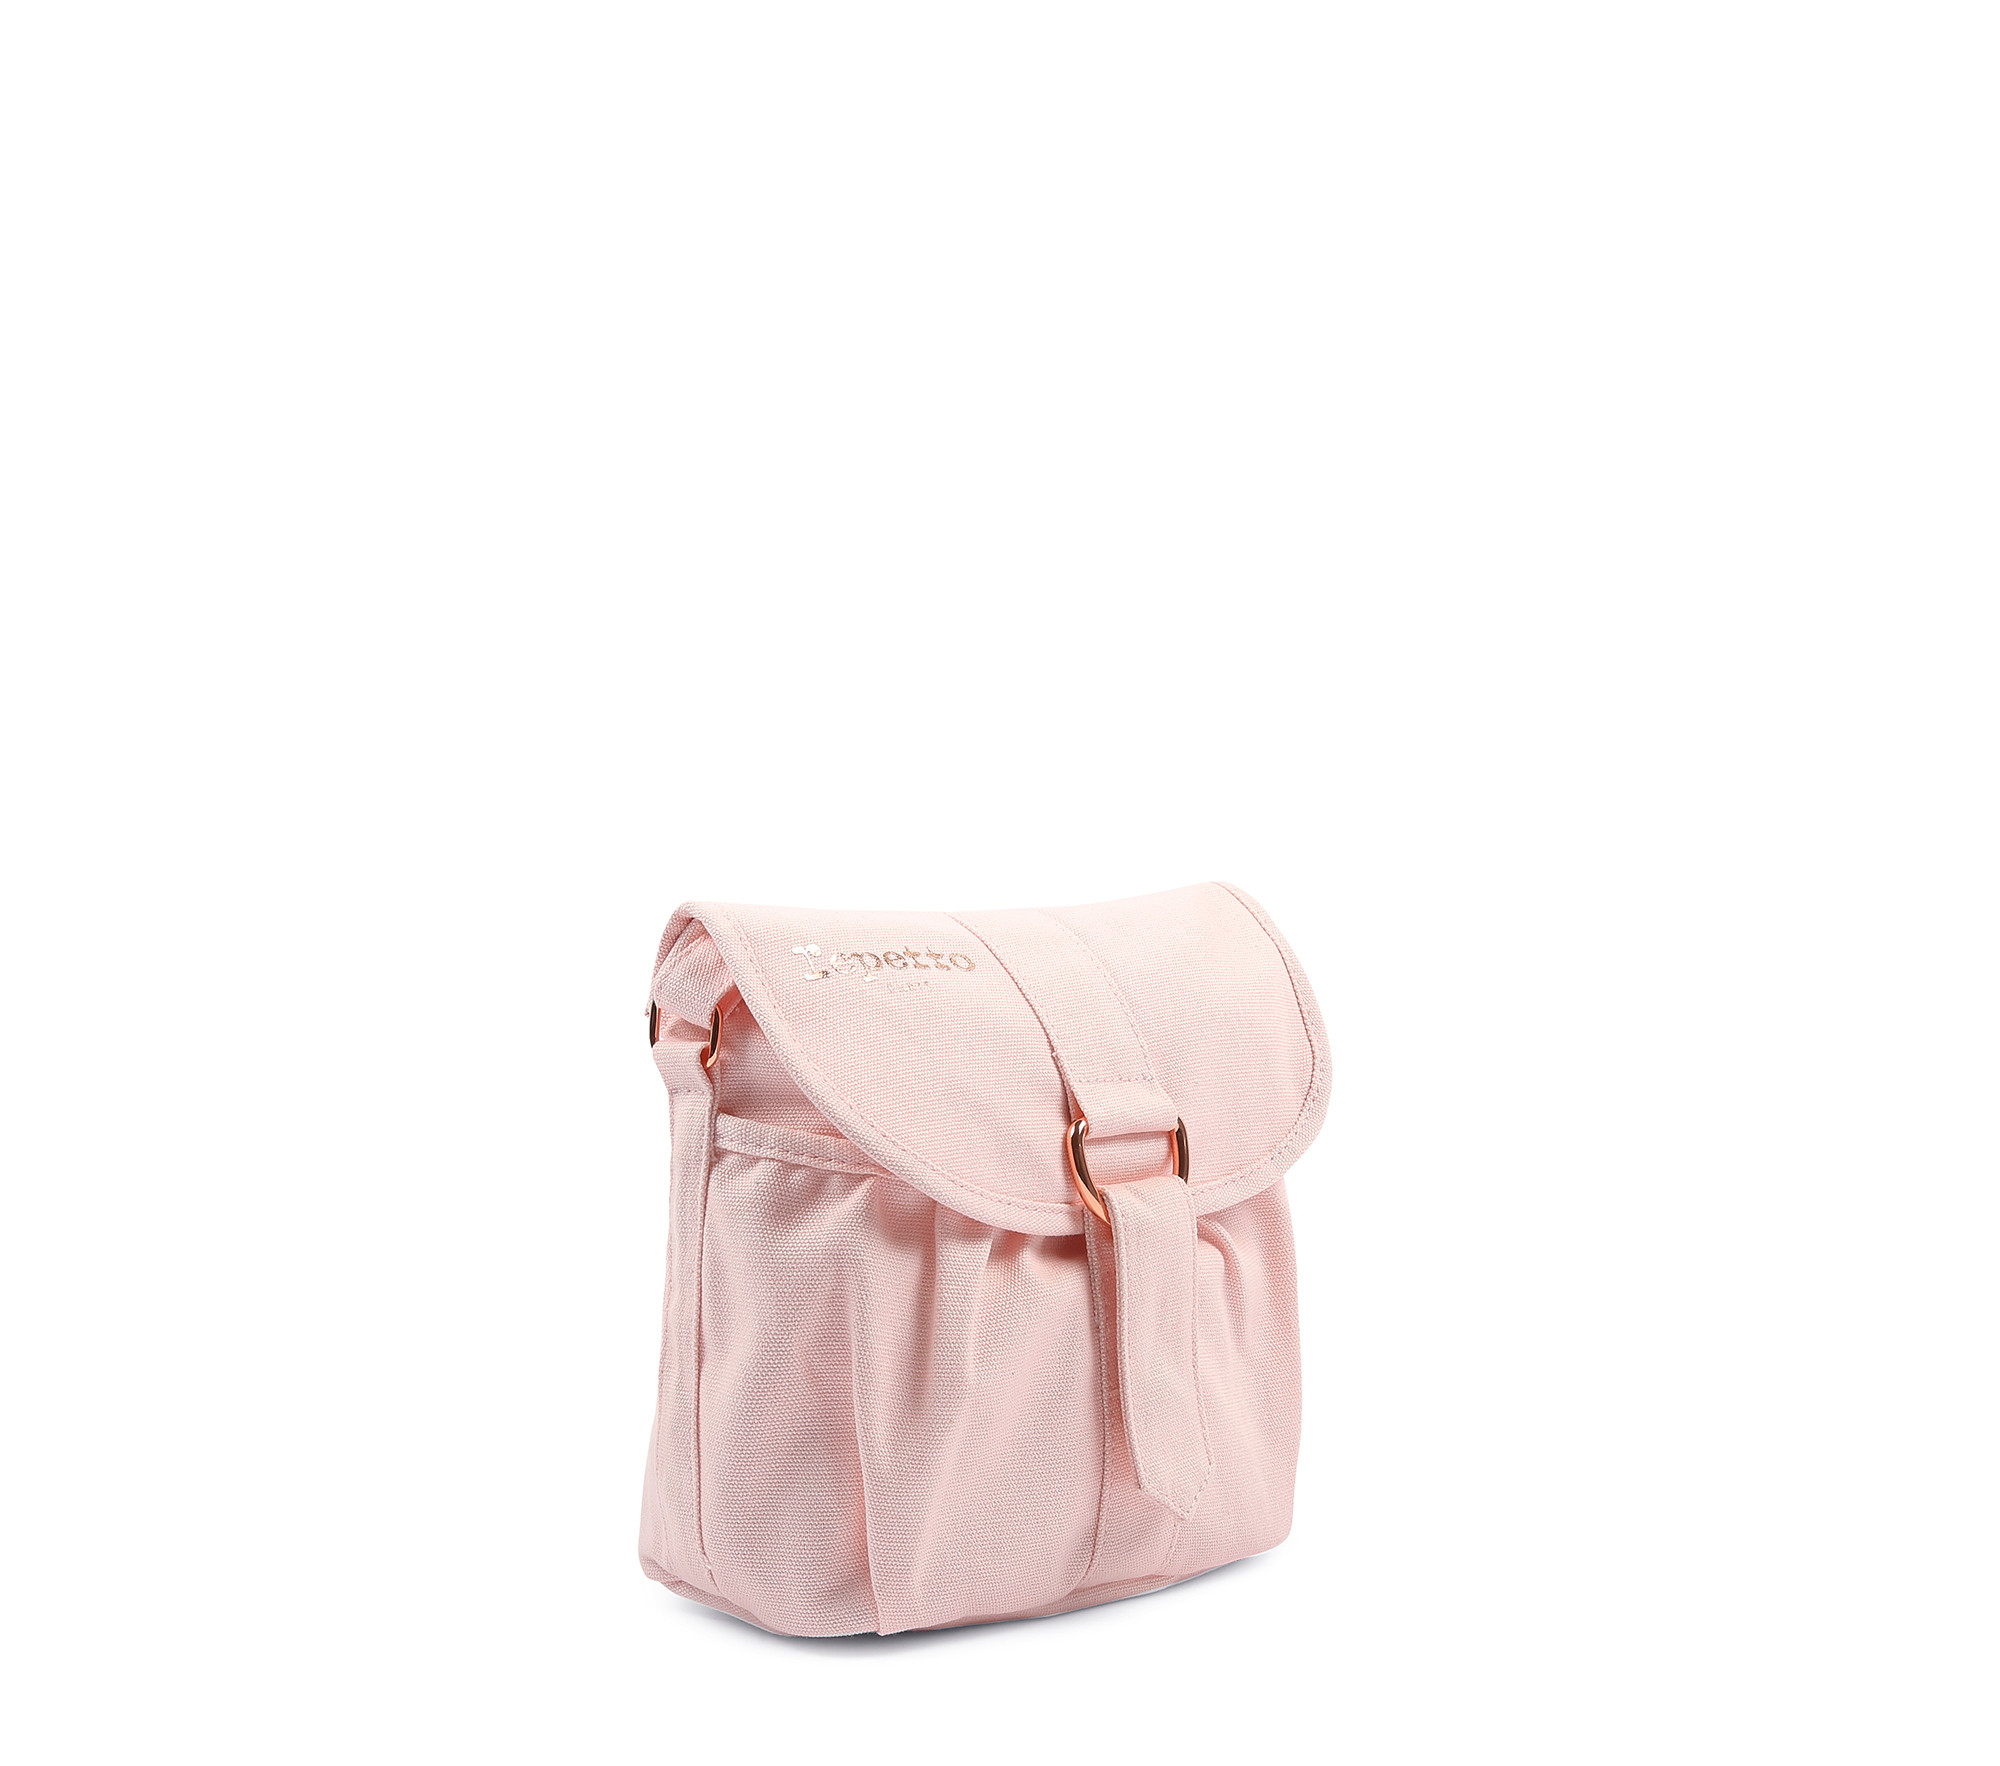 Pirouette shoulder bag